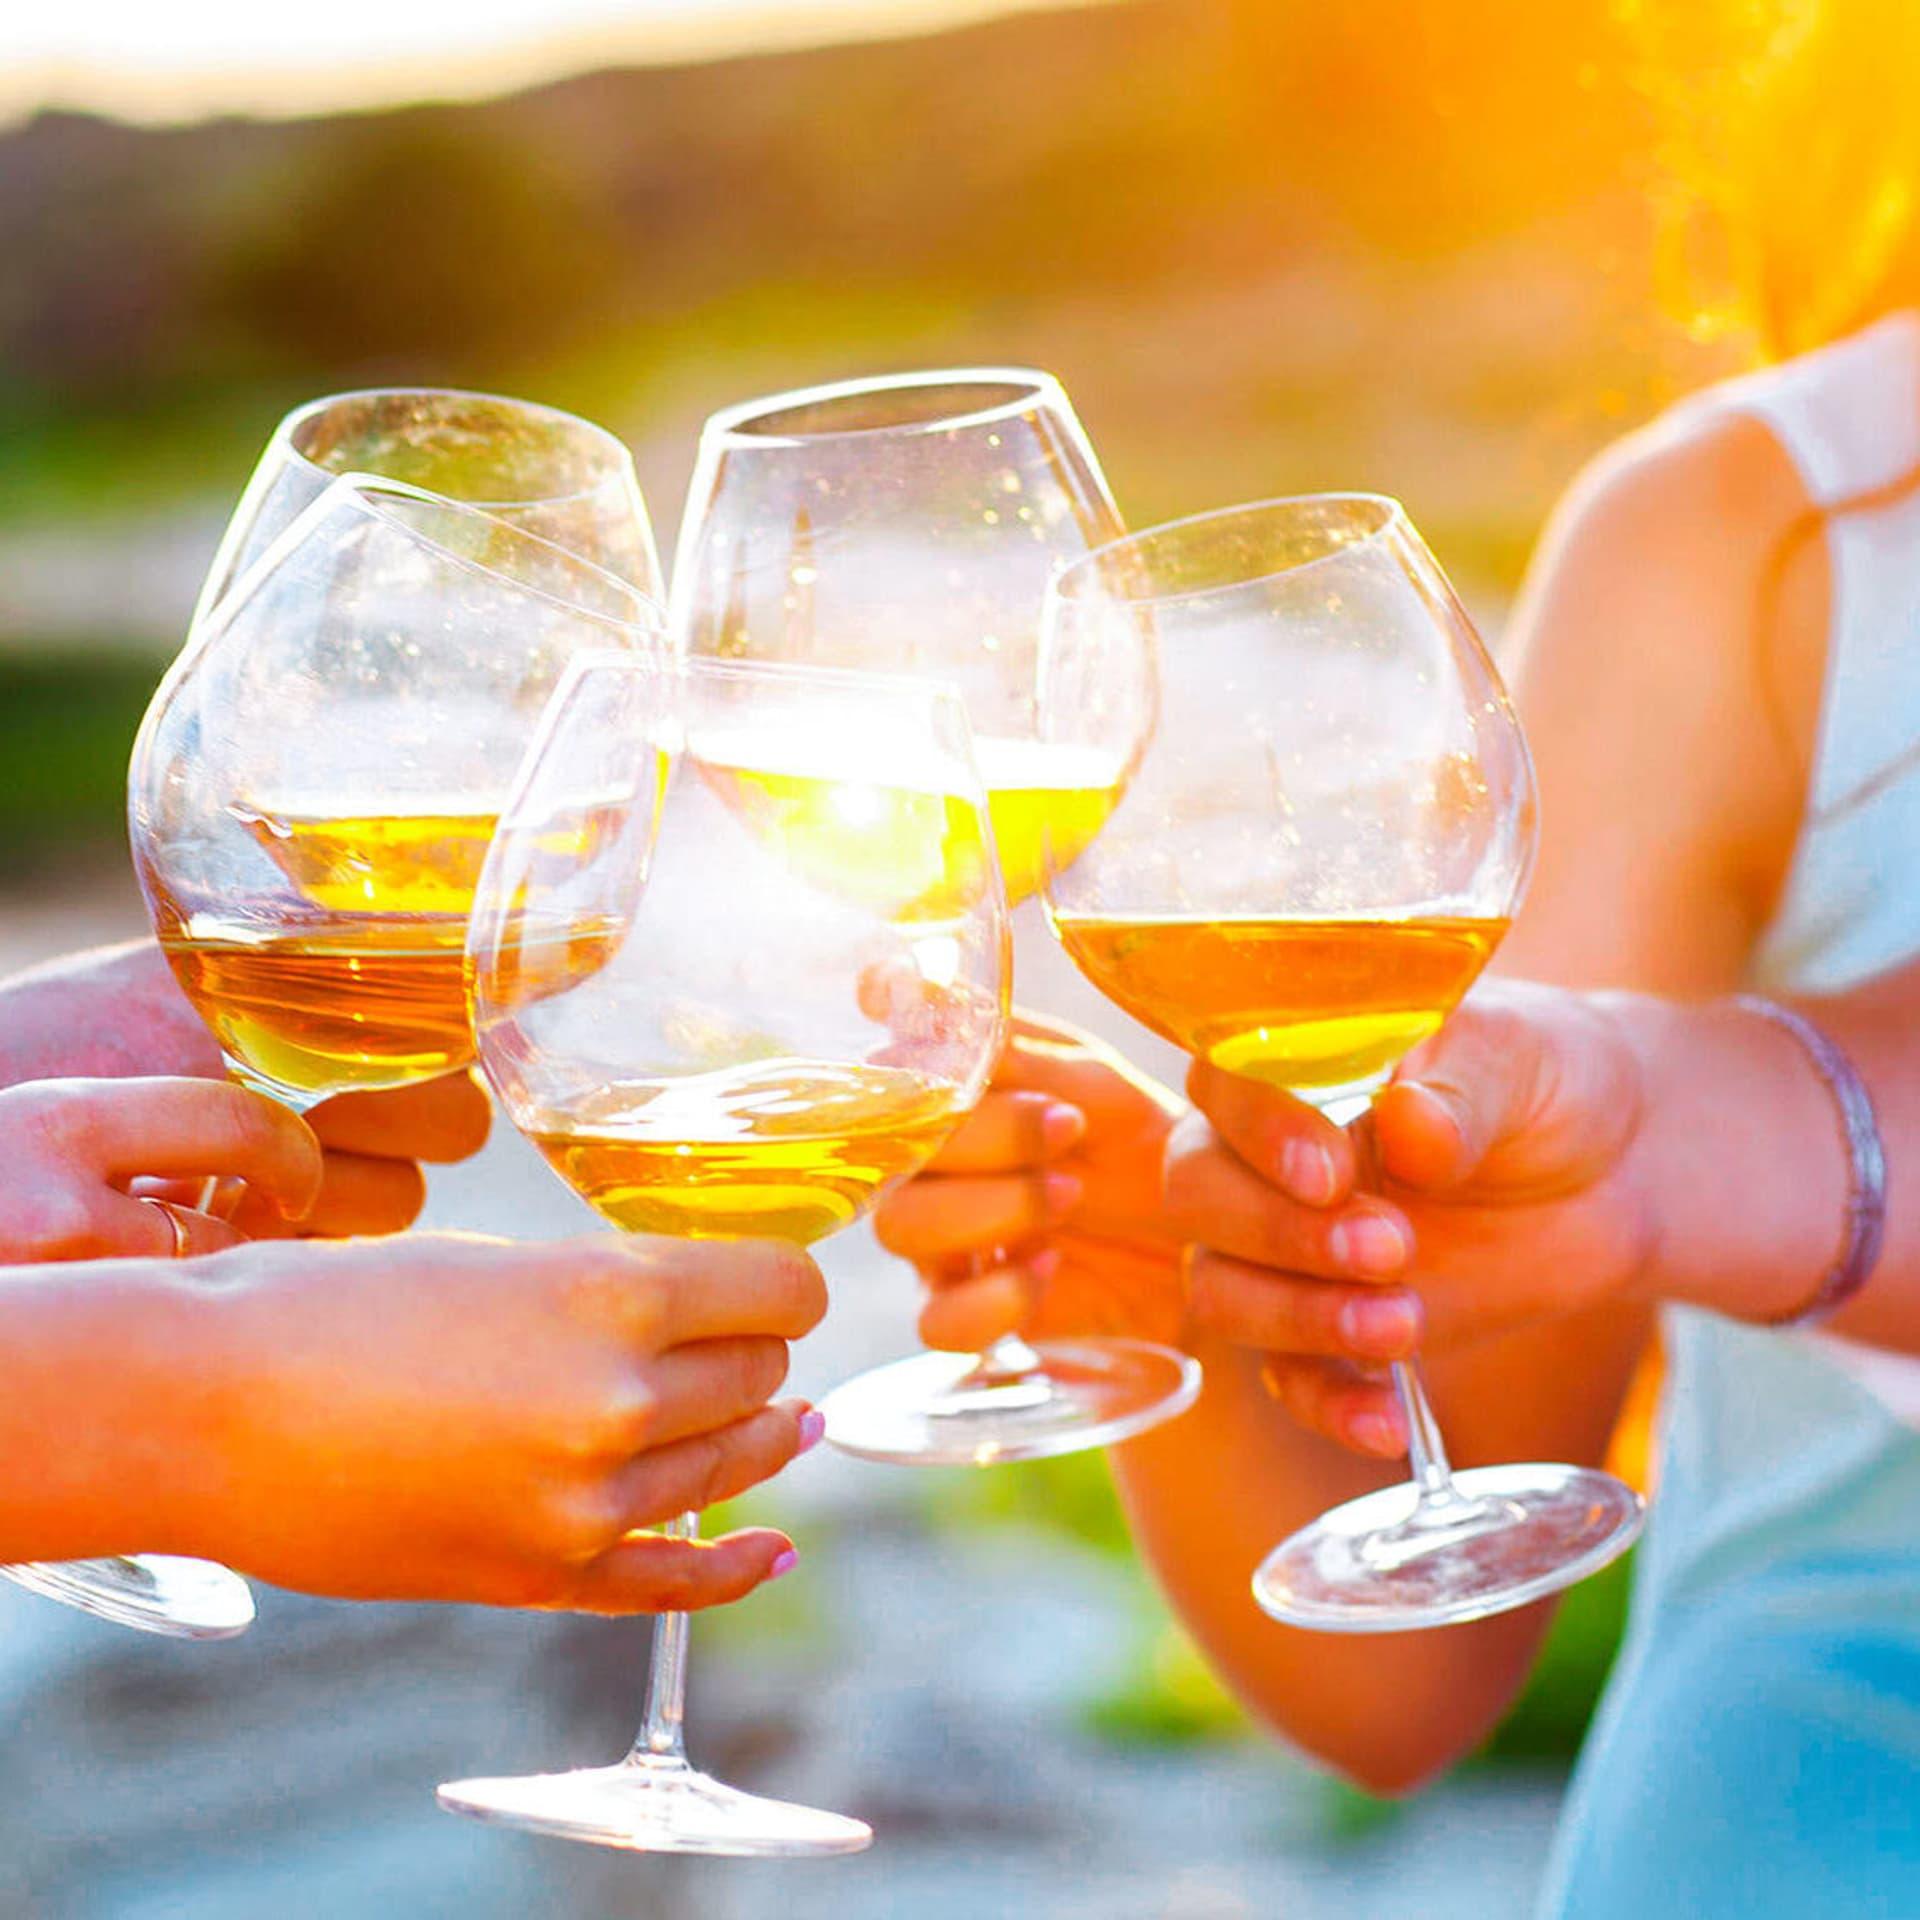 Fünf Personen stoßen mit Wein an